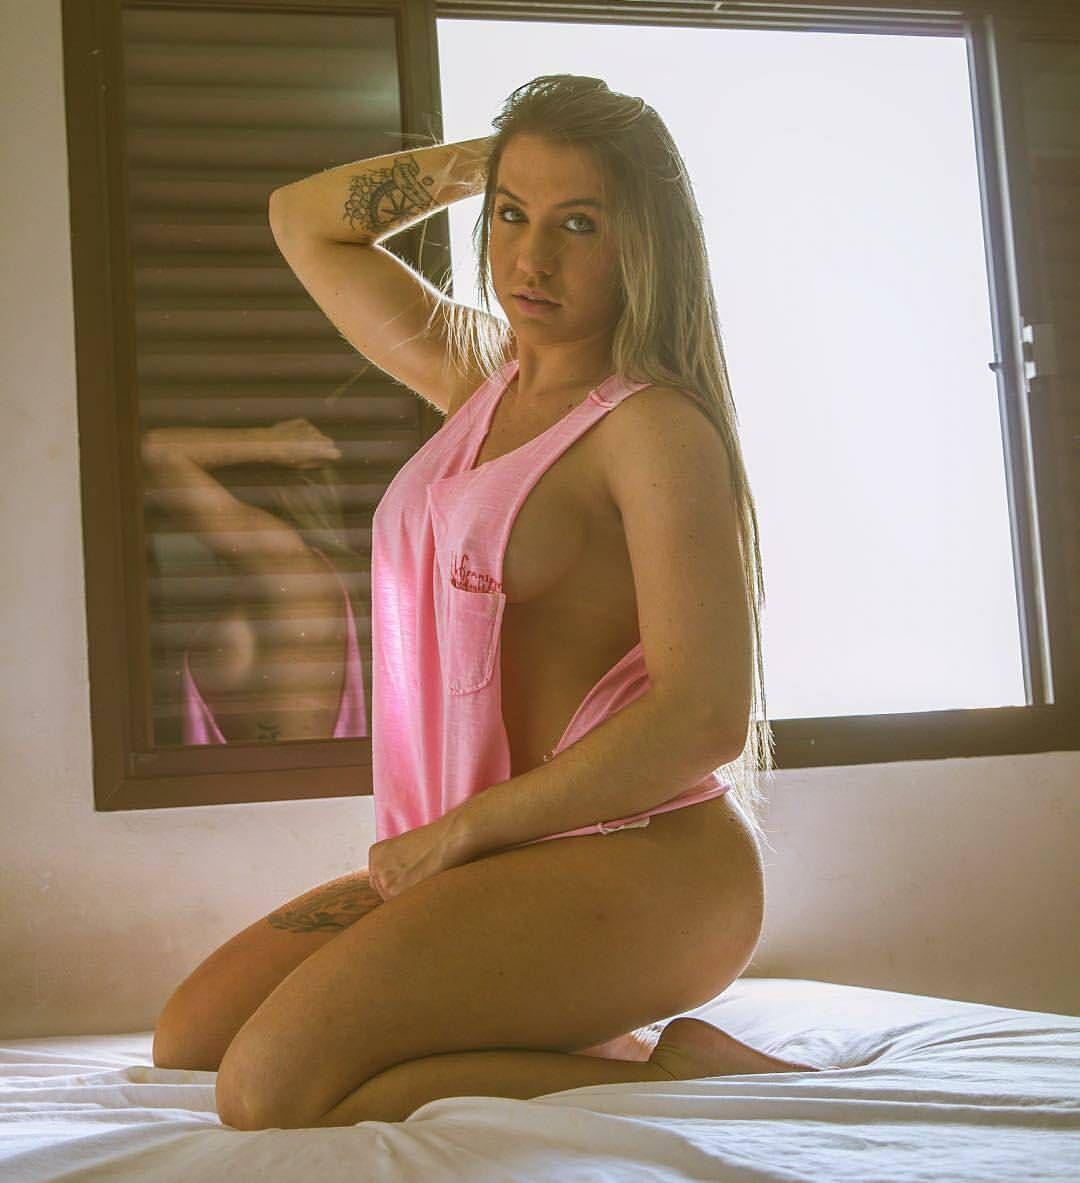 💎 @brufranquez 💕 #musasbrasileiras #musa #fitness #brazil #girl